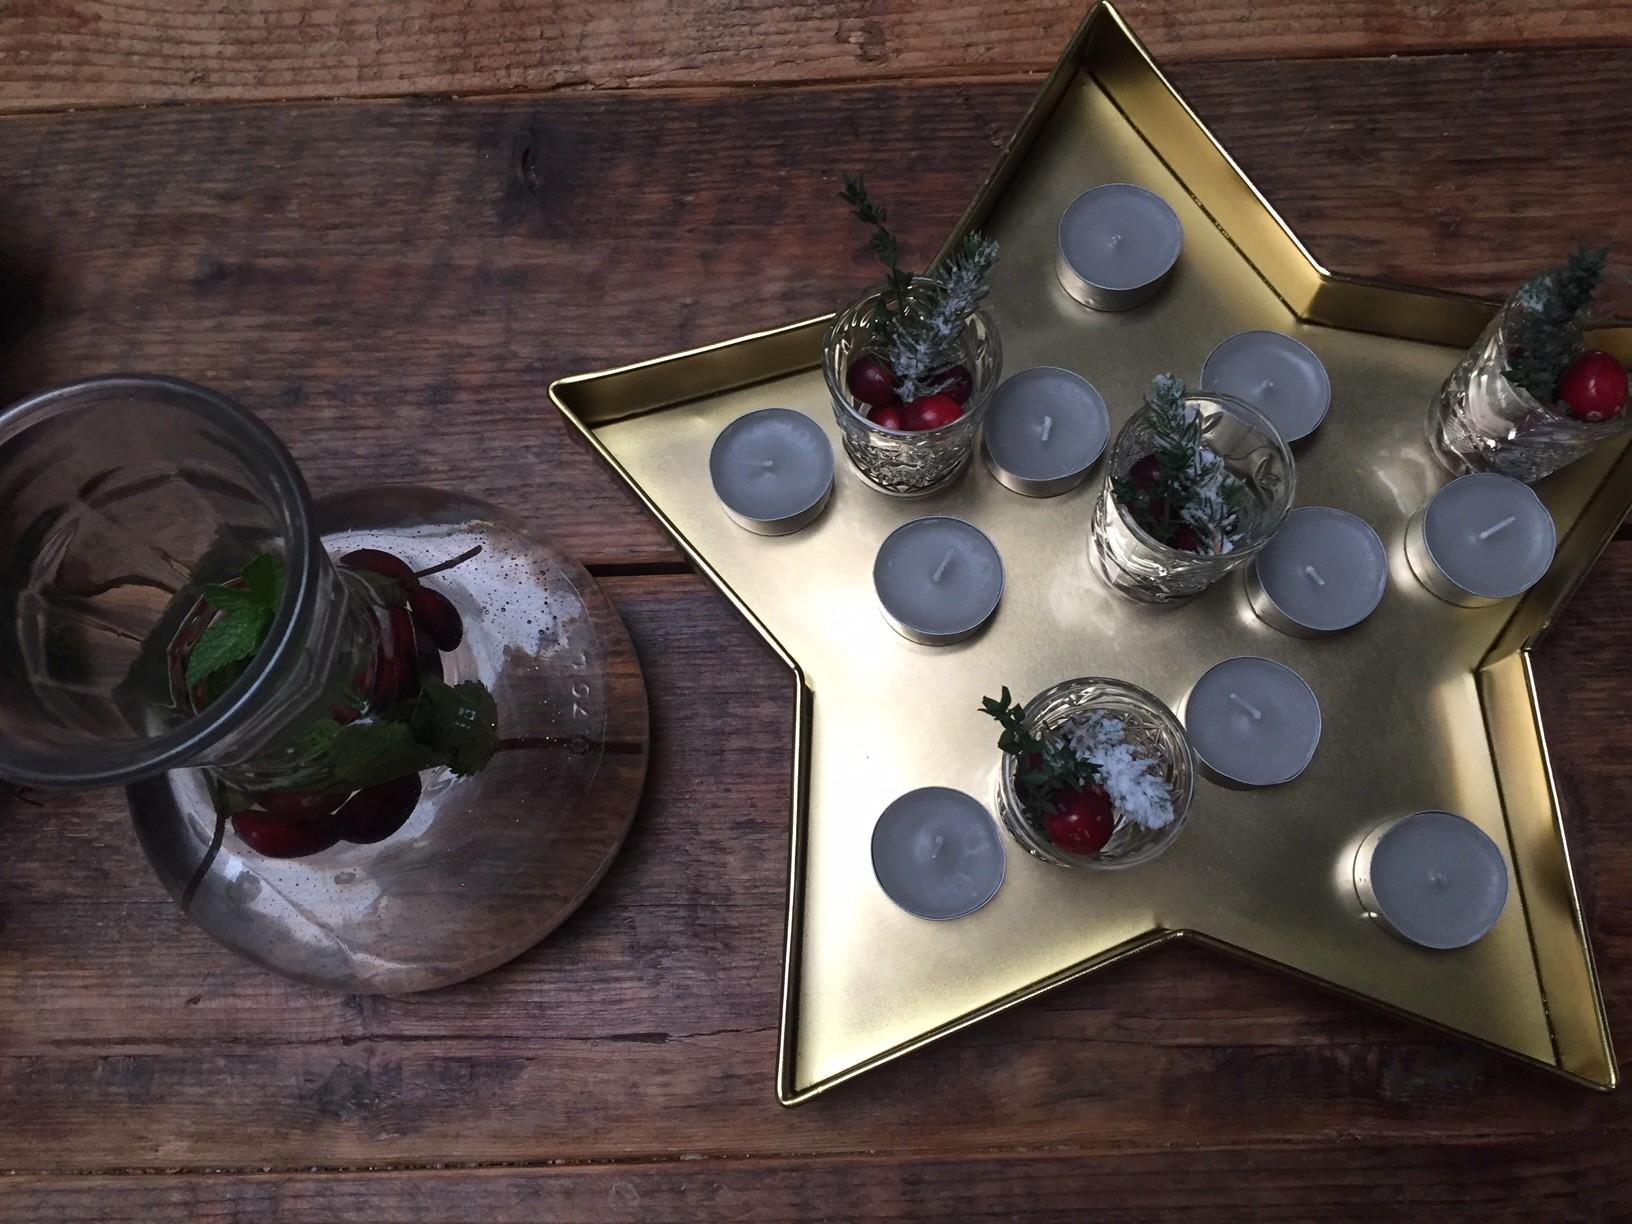 Kaarsenplateau en water karaf kersttafel styling inspiratie